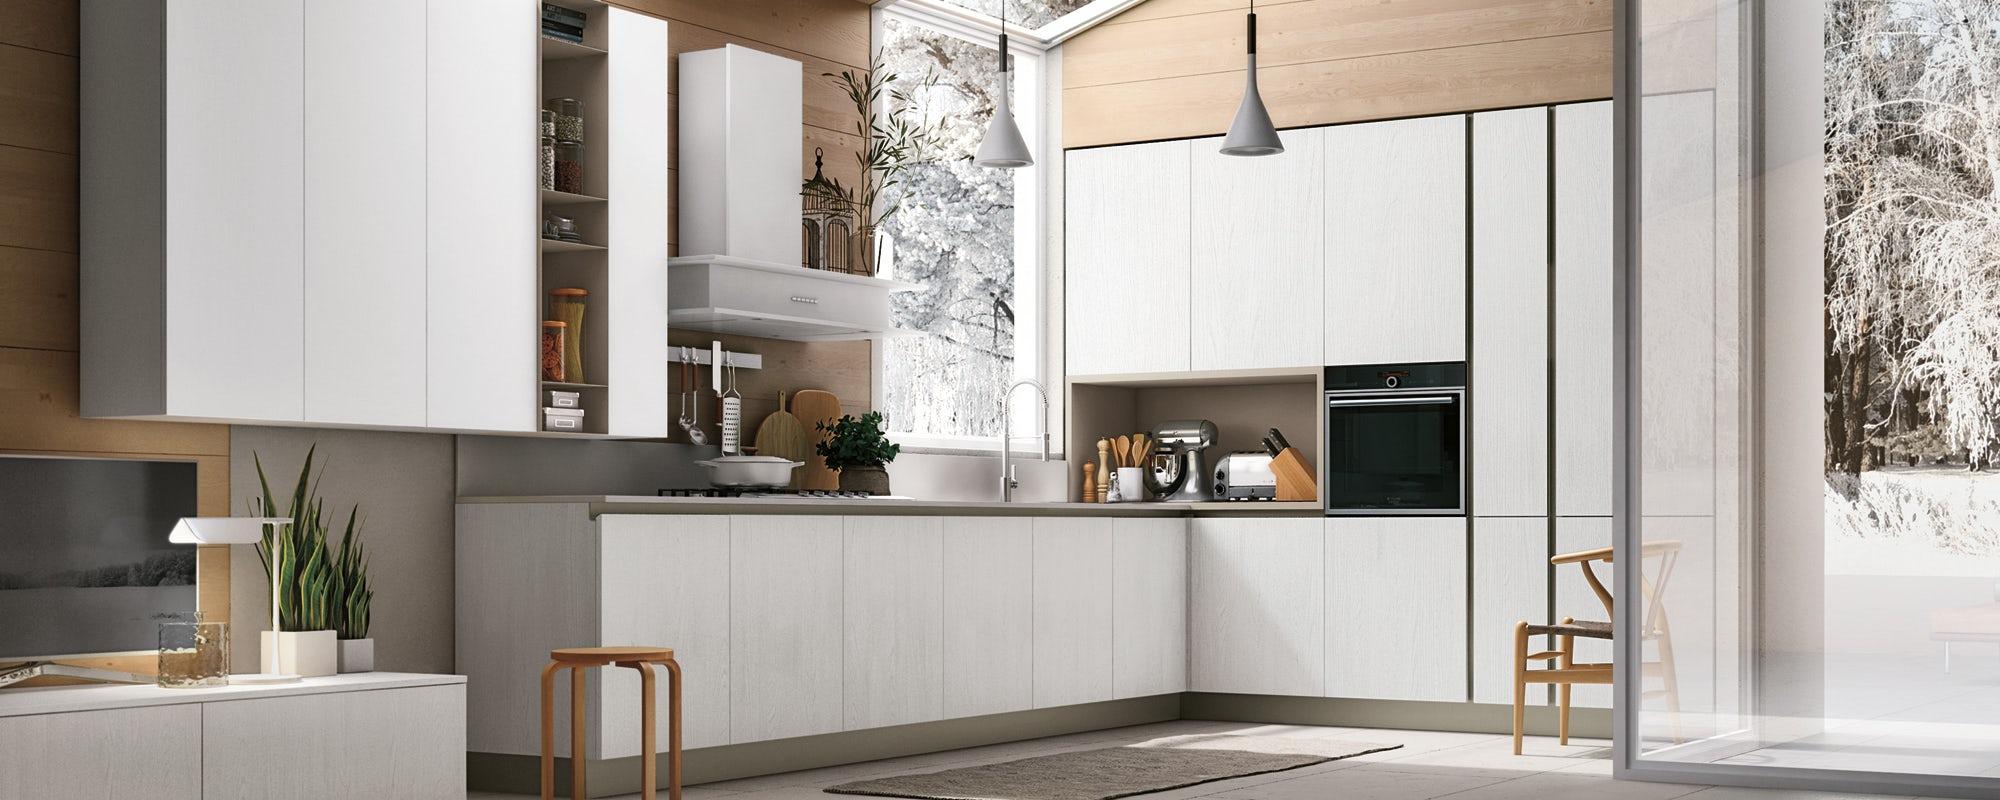 Stosa Kitchens - Habitat Casa